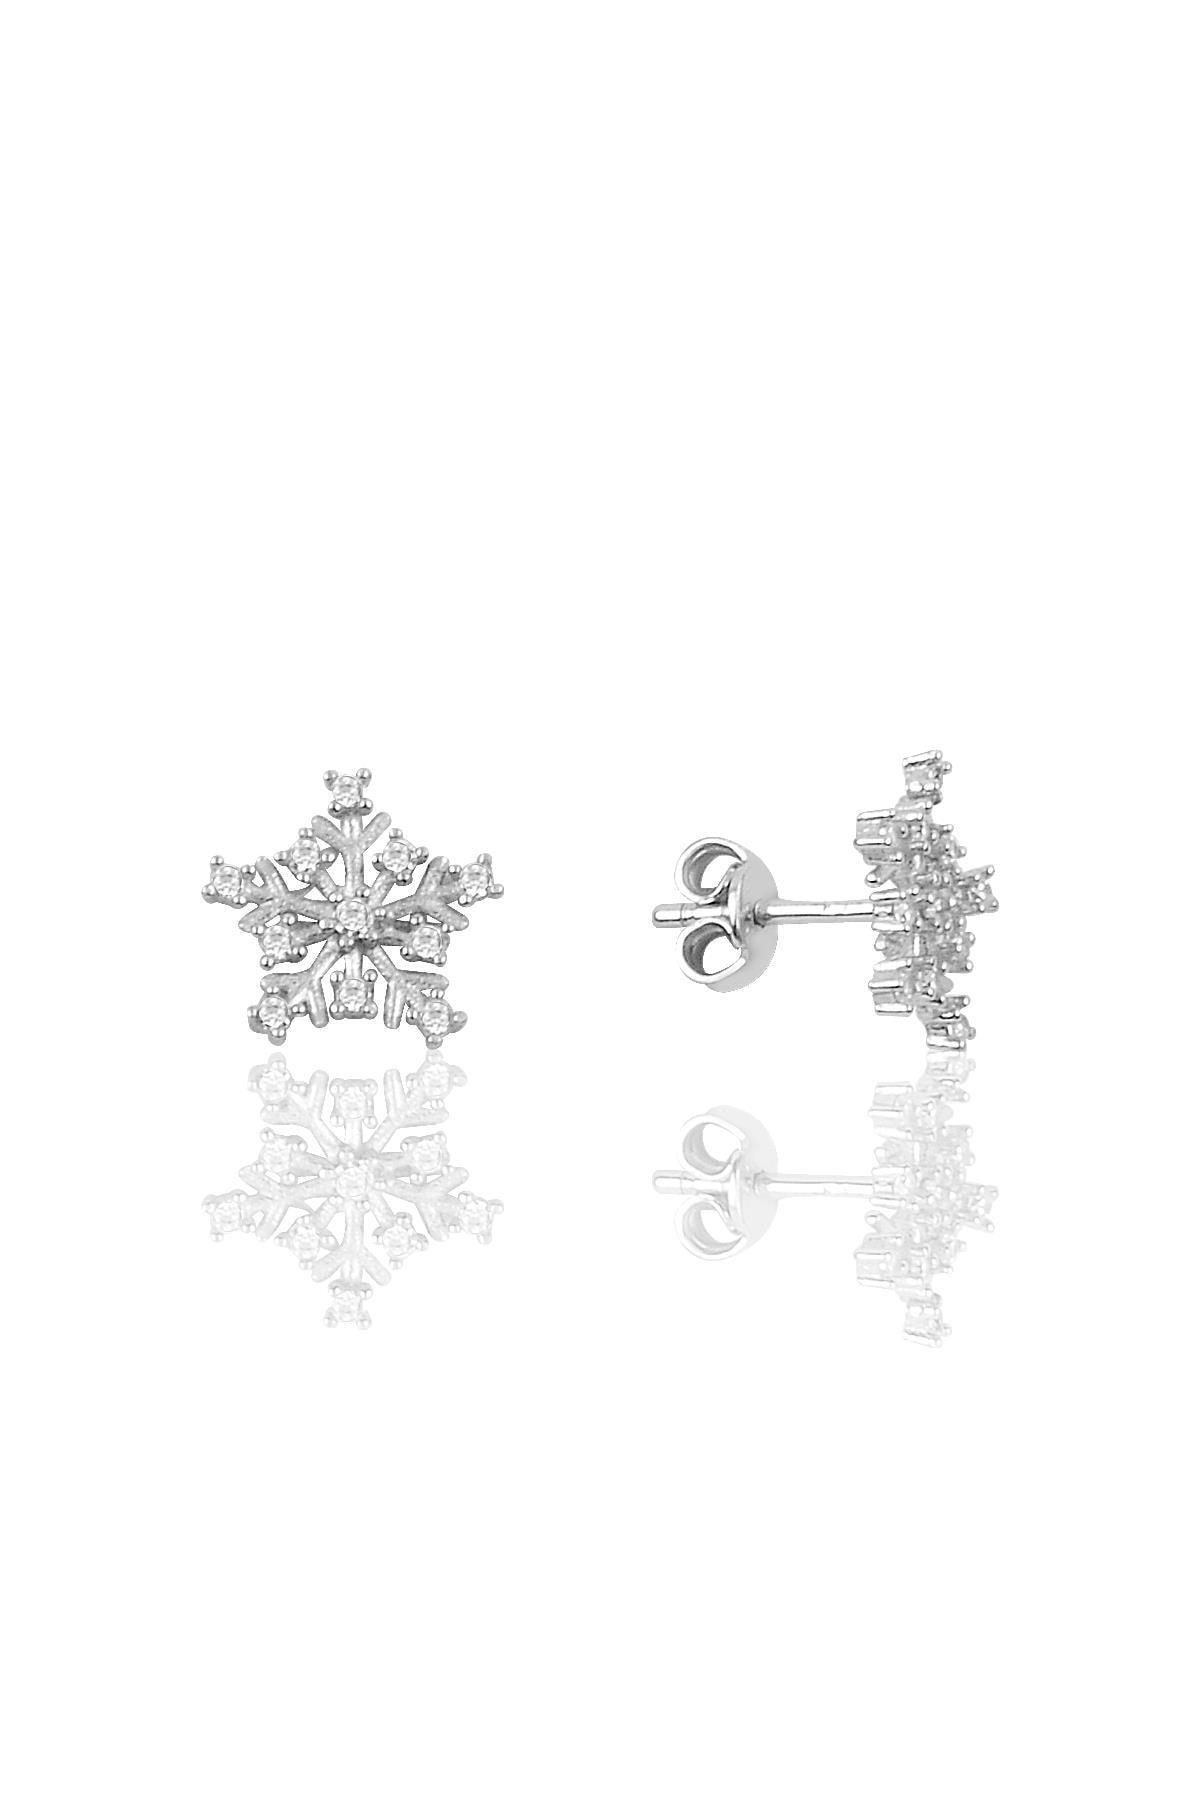 Söğütlü Silver Gümüş Rodyumlu Kartanesi Modeli Üçlü Set 3